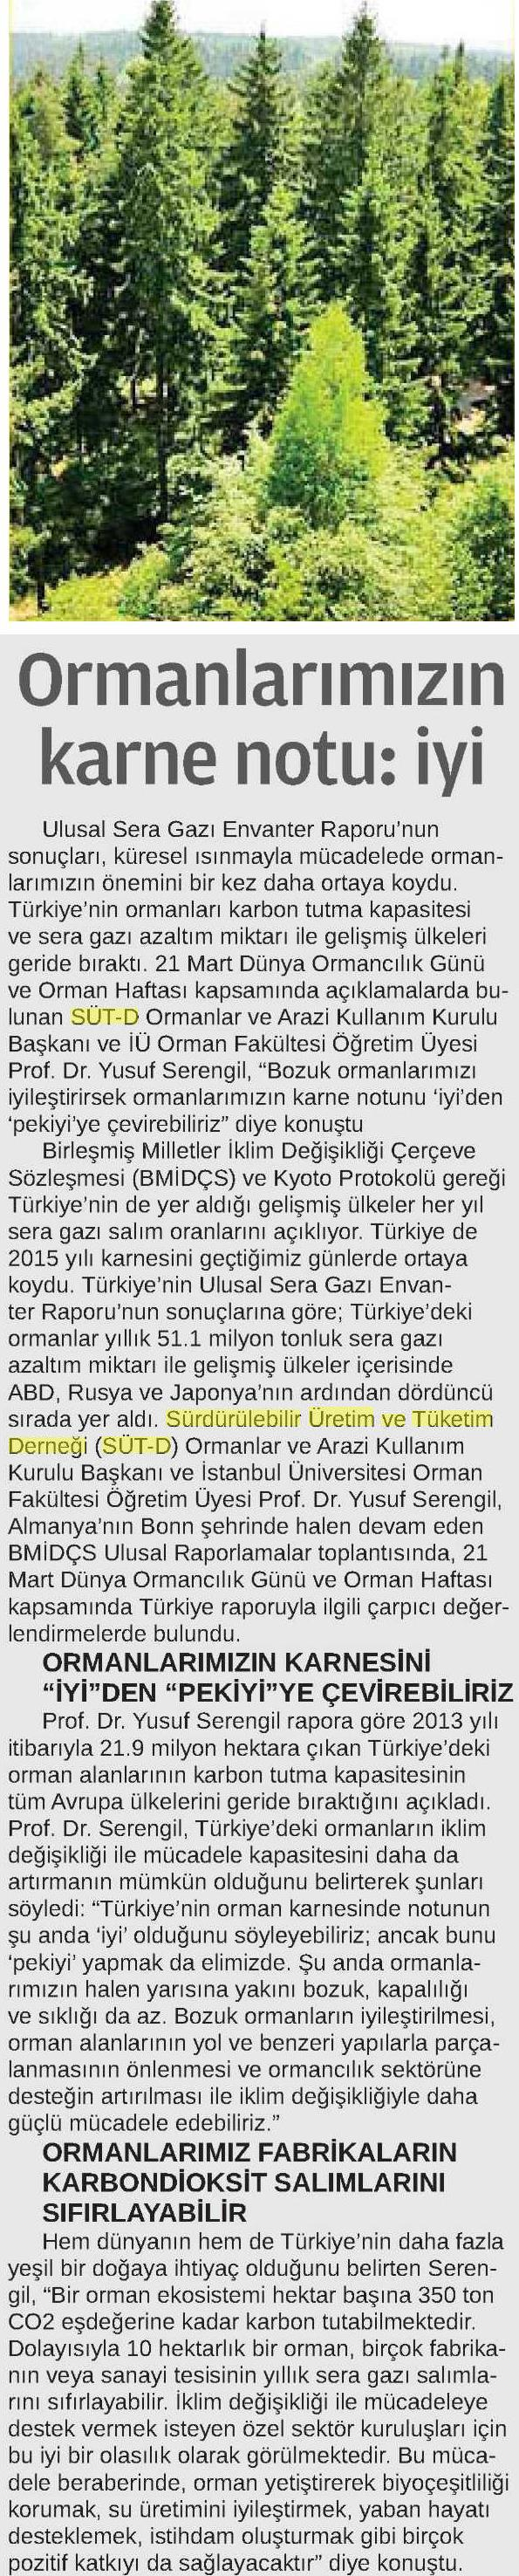 24 Saat Gazetesi 21.03.2016